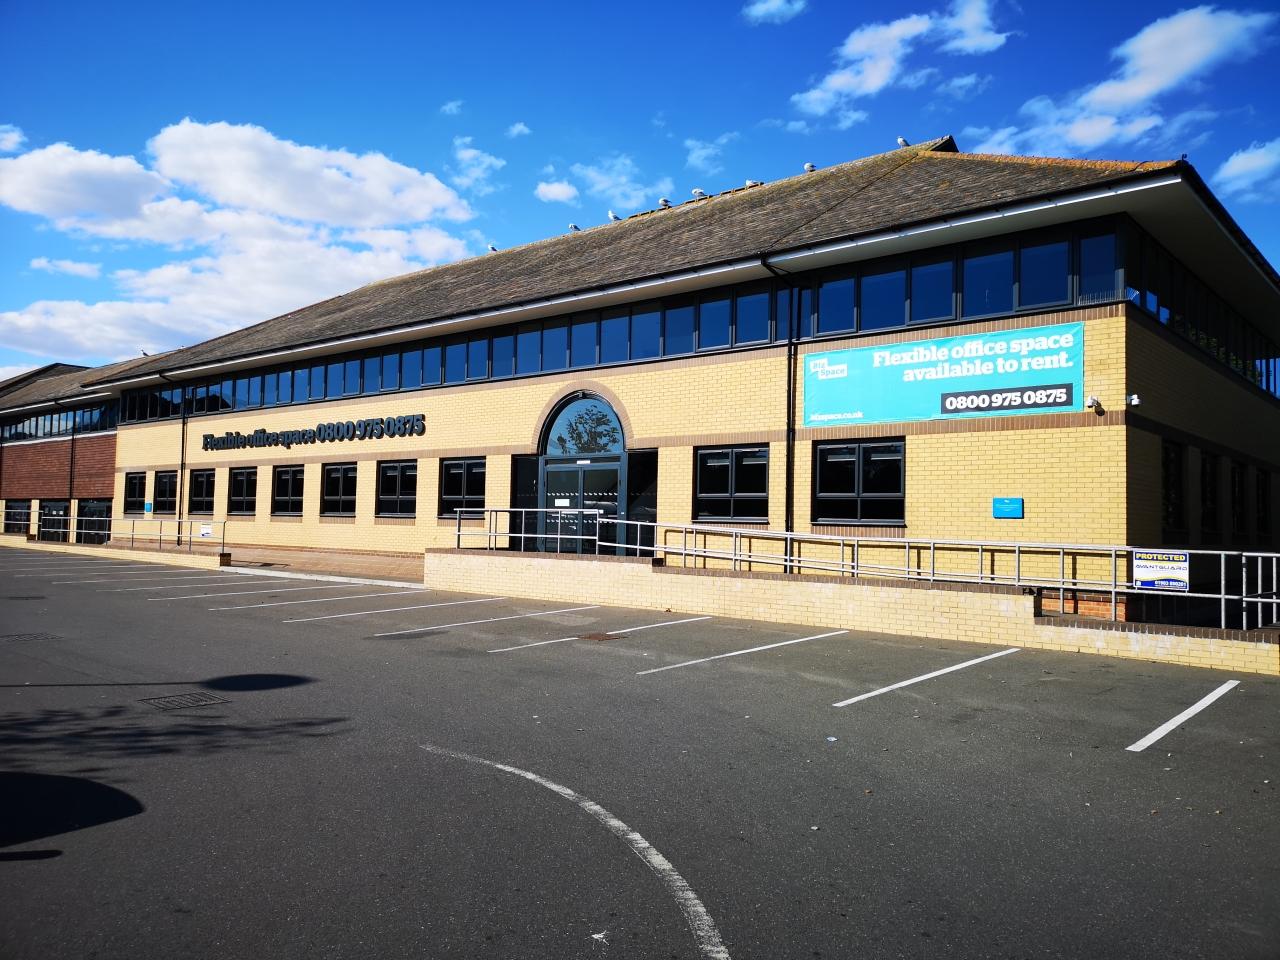 BizSpace Littlehampton Externals 17.jpg